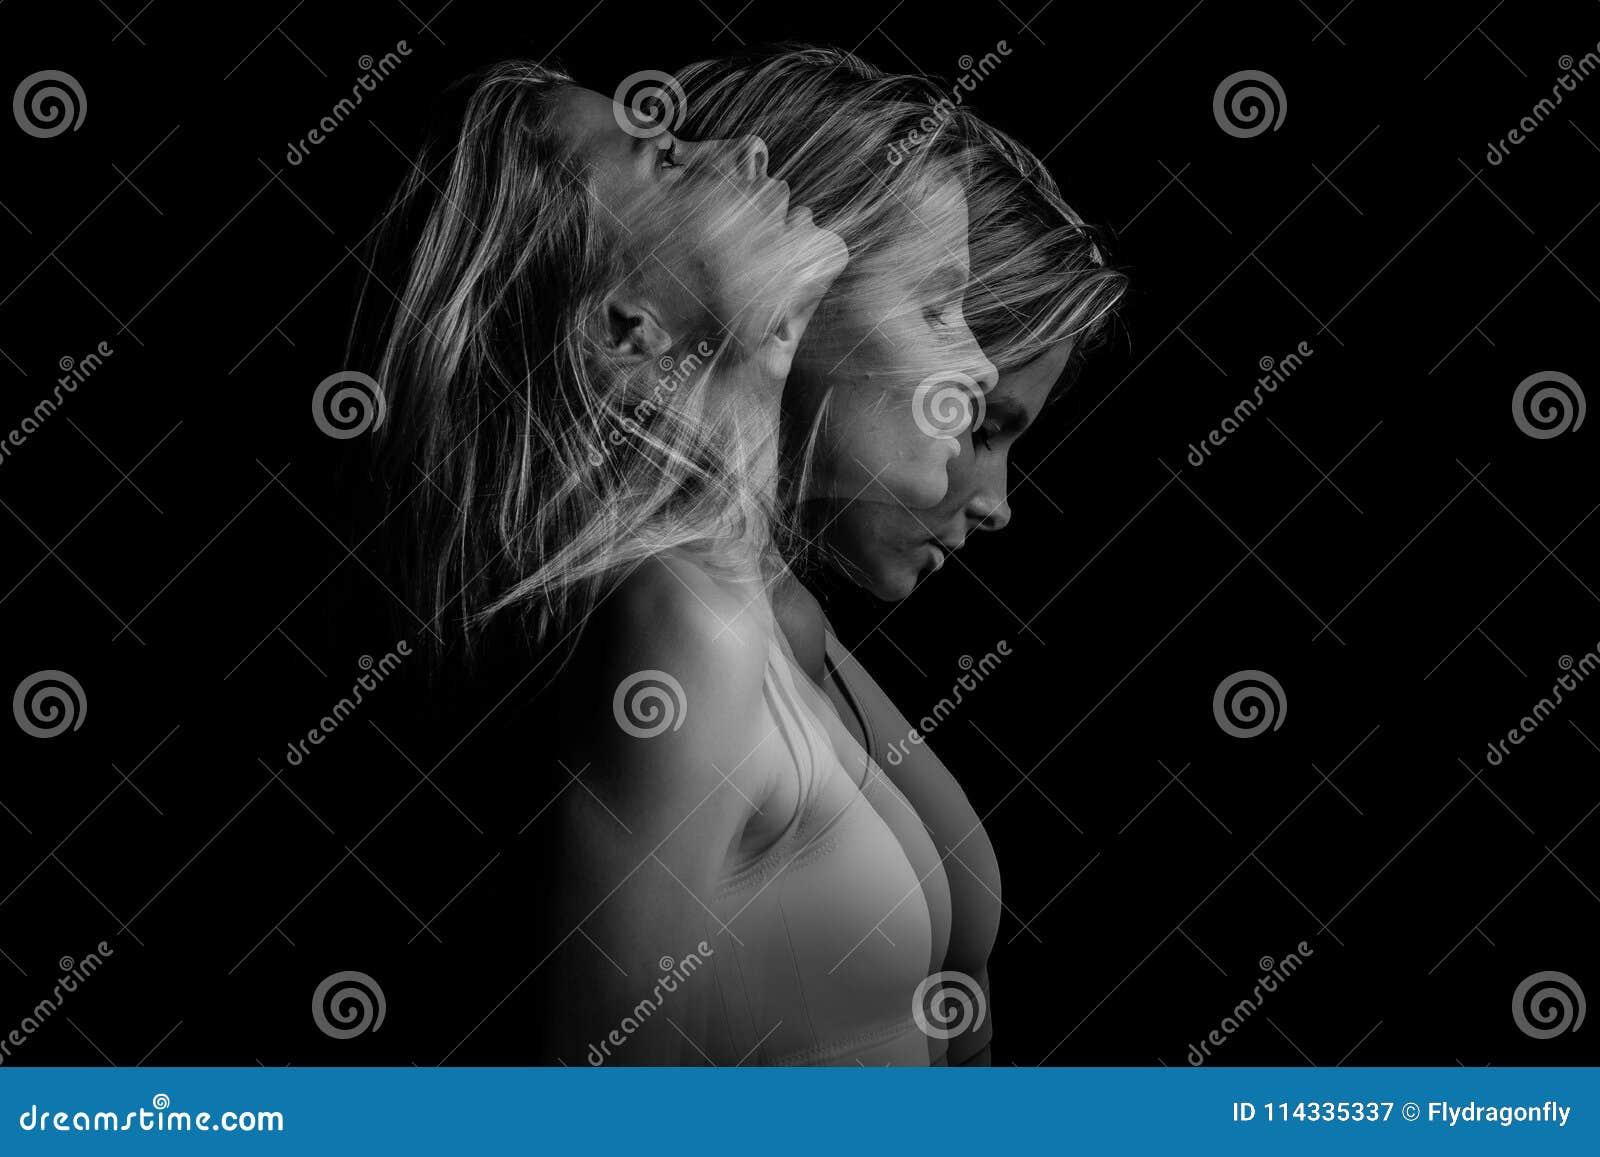 年轻白肤金发的妇女美丽的幽灵神秘的神奇模棱两可的原始的概念性外形边画象a的